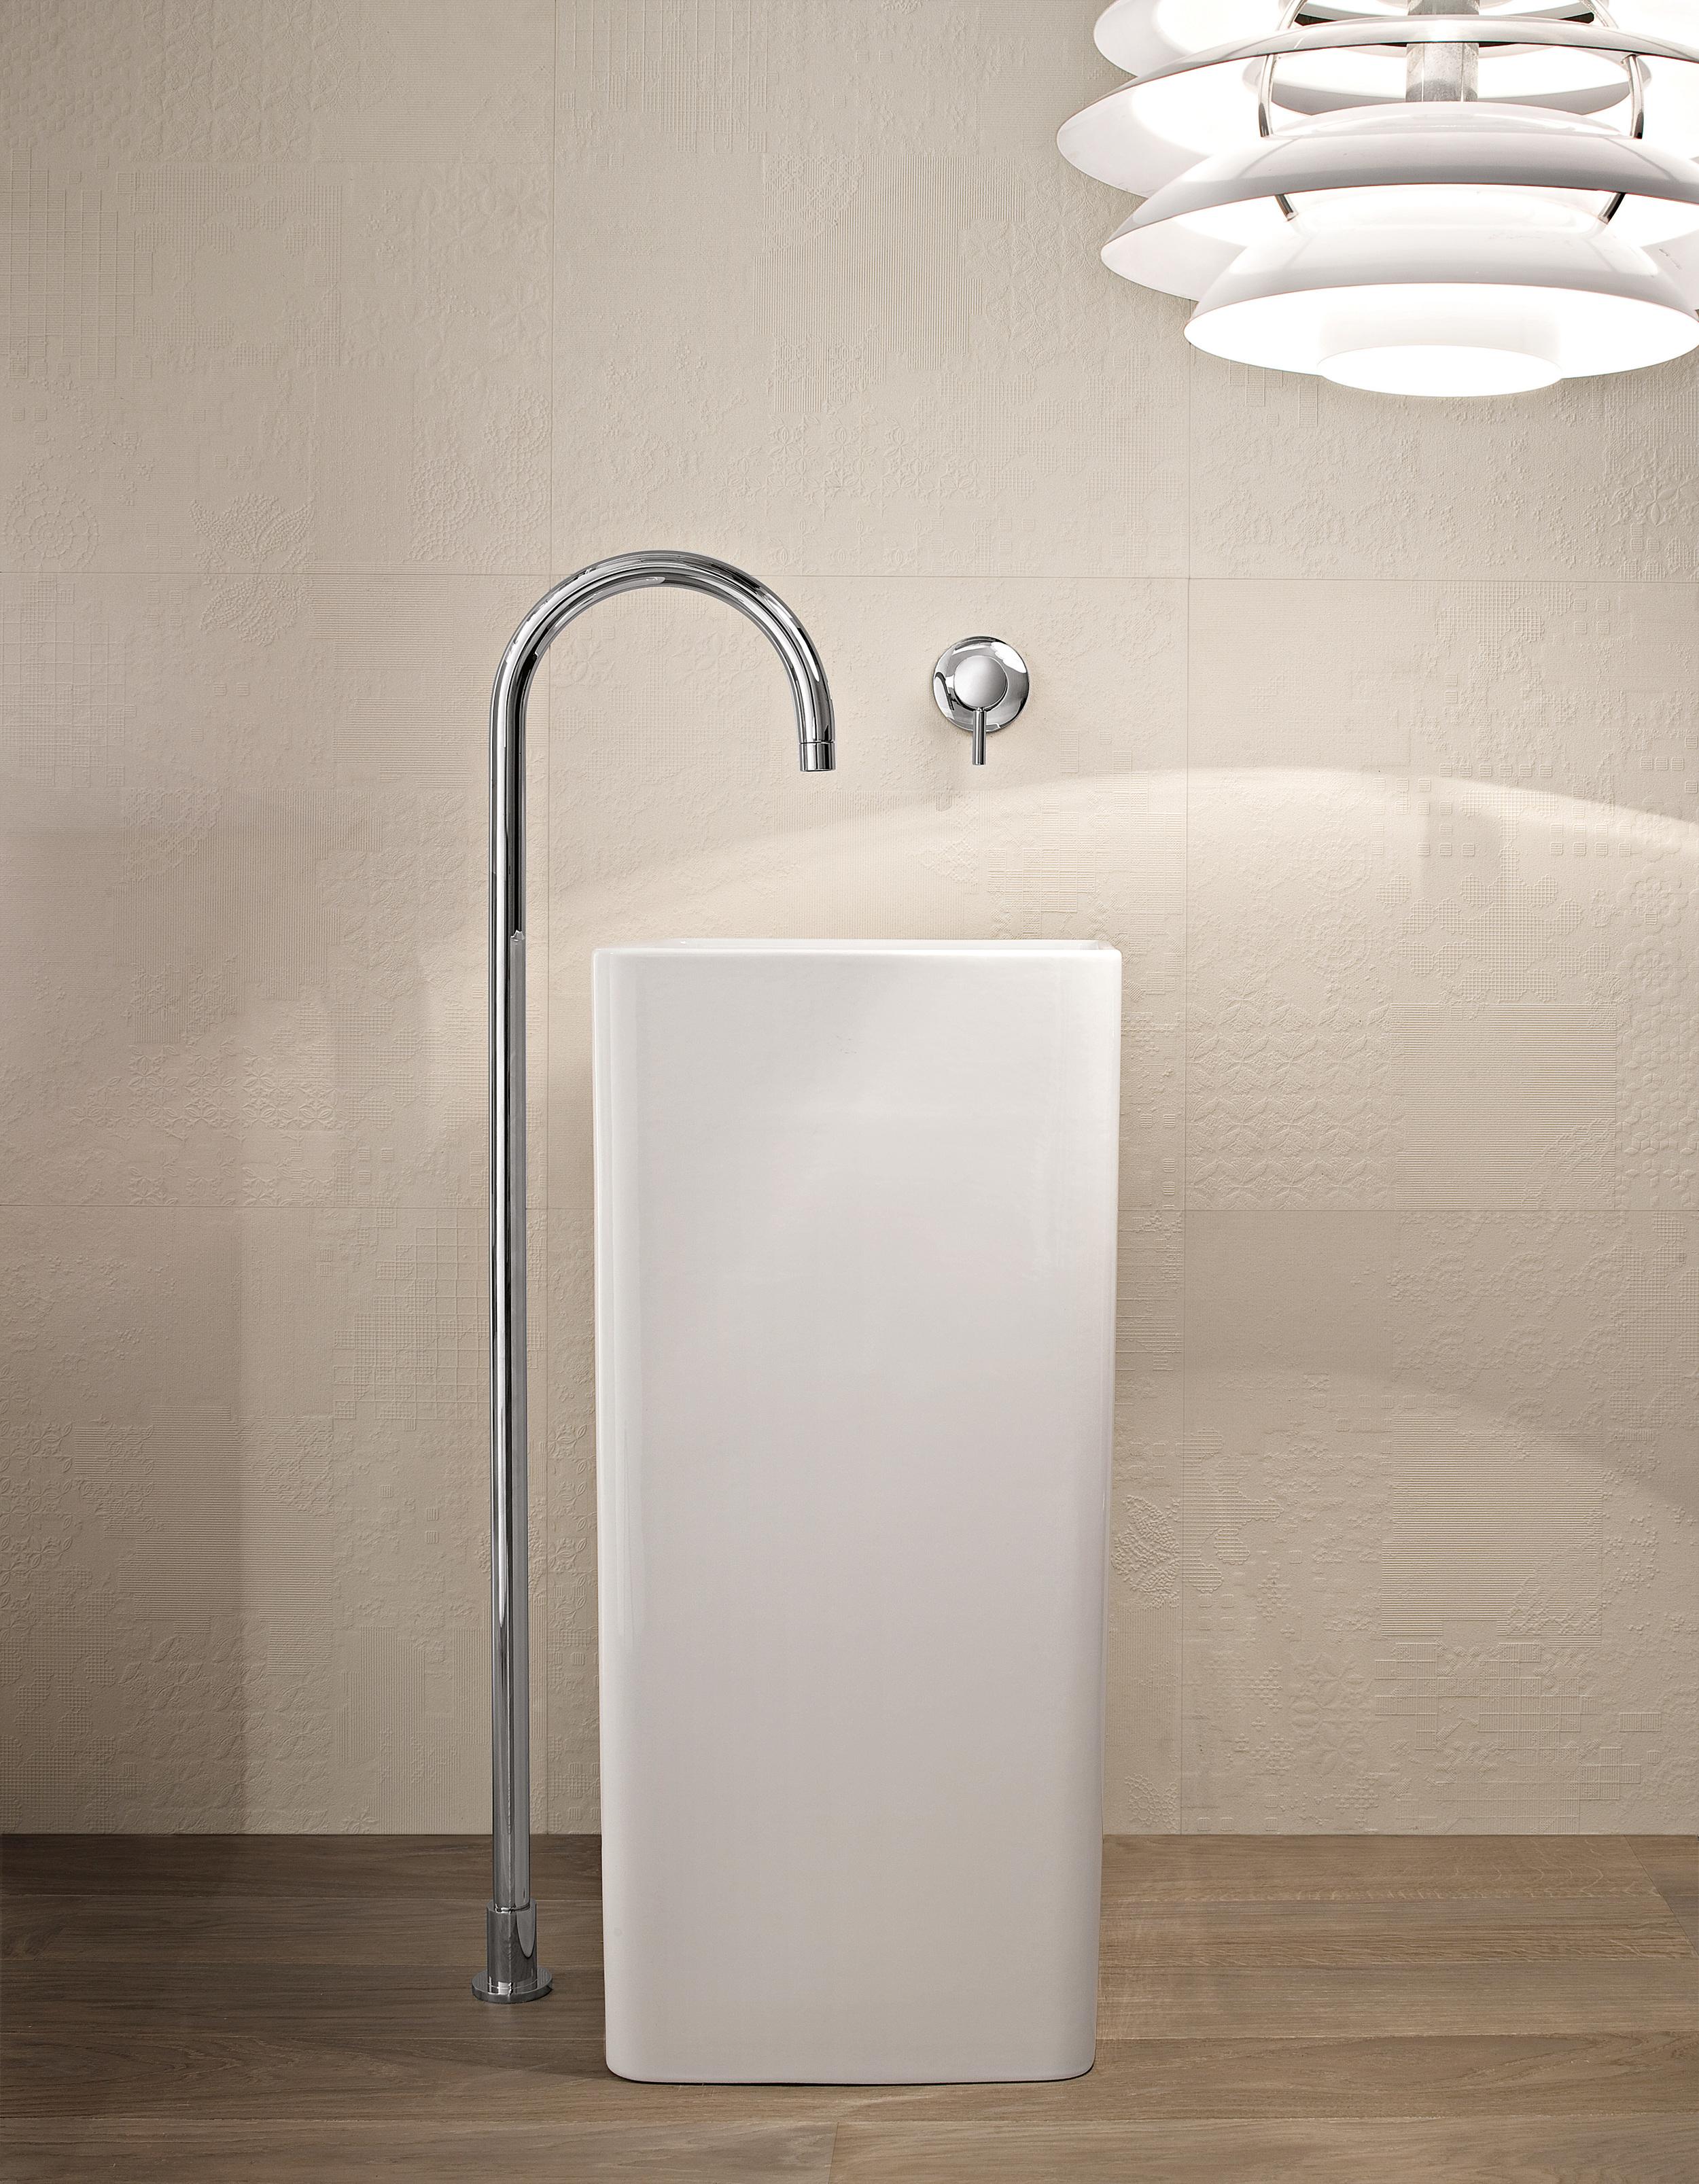 Wall mount Sinks